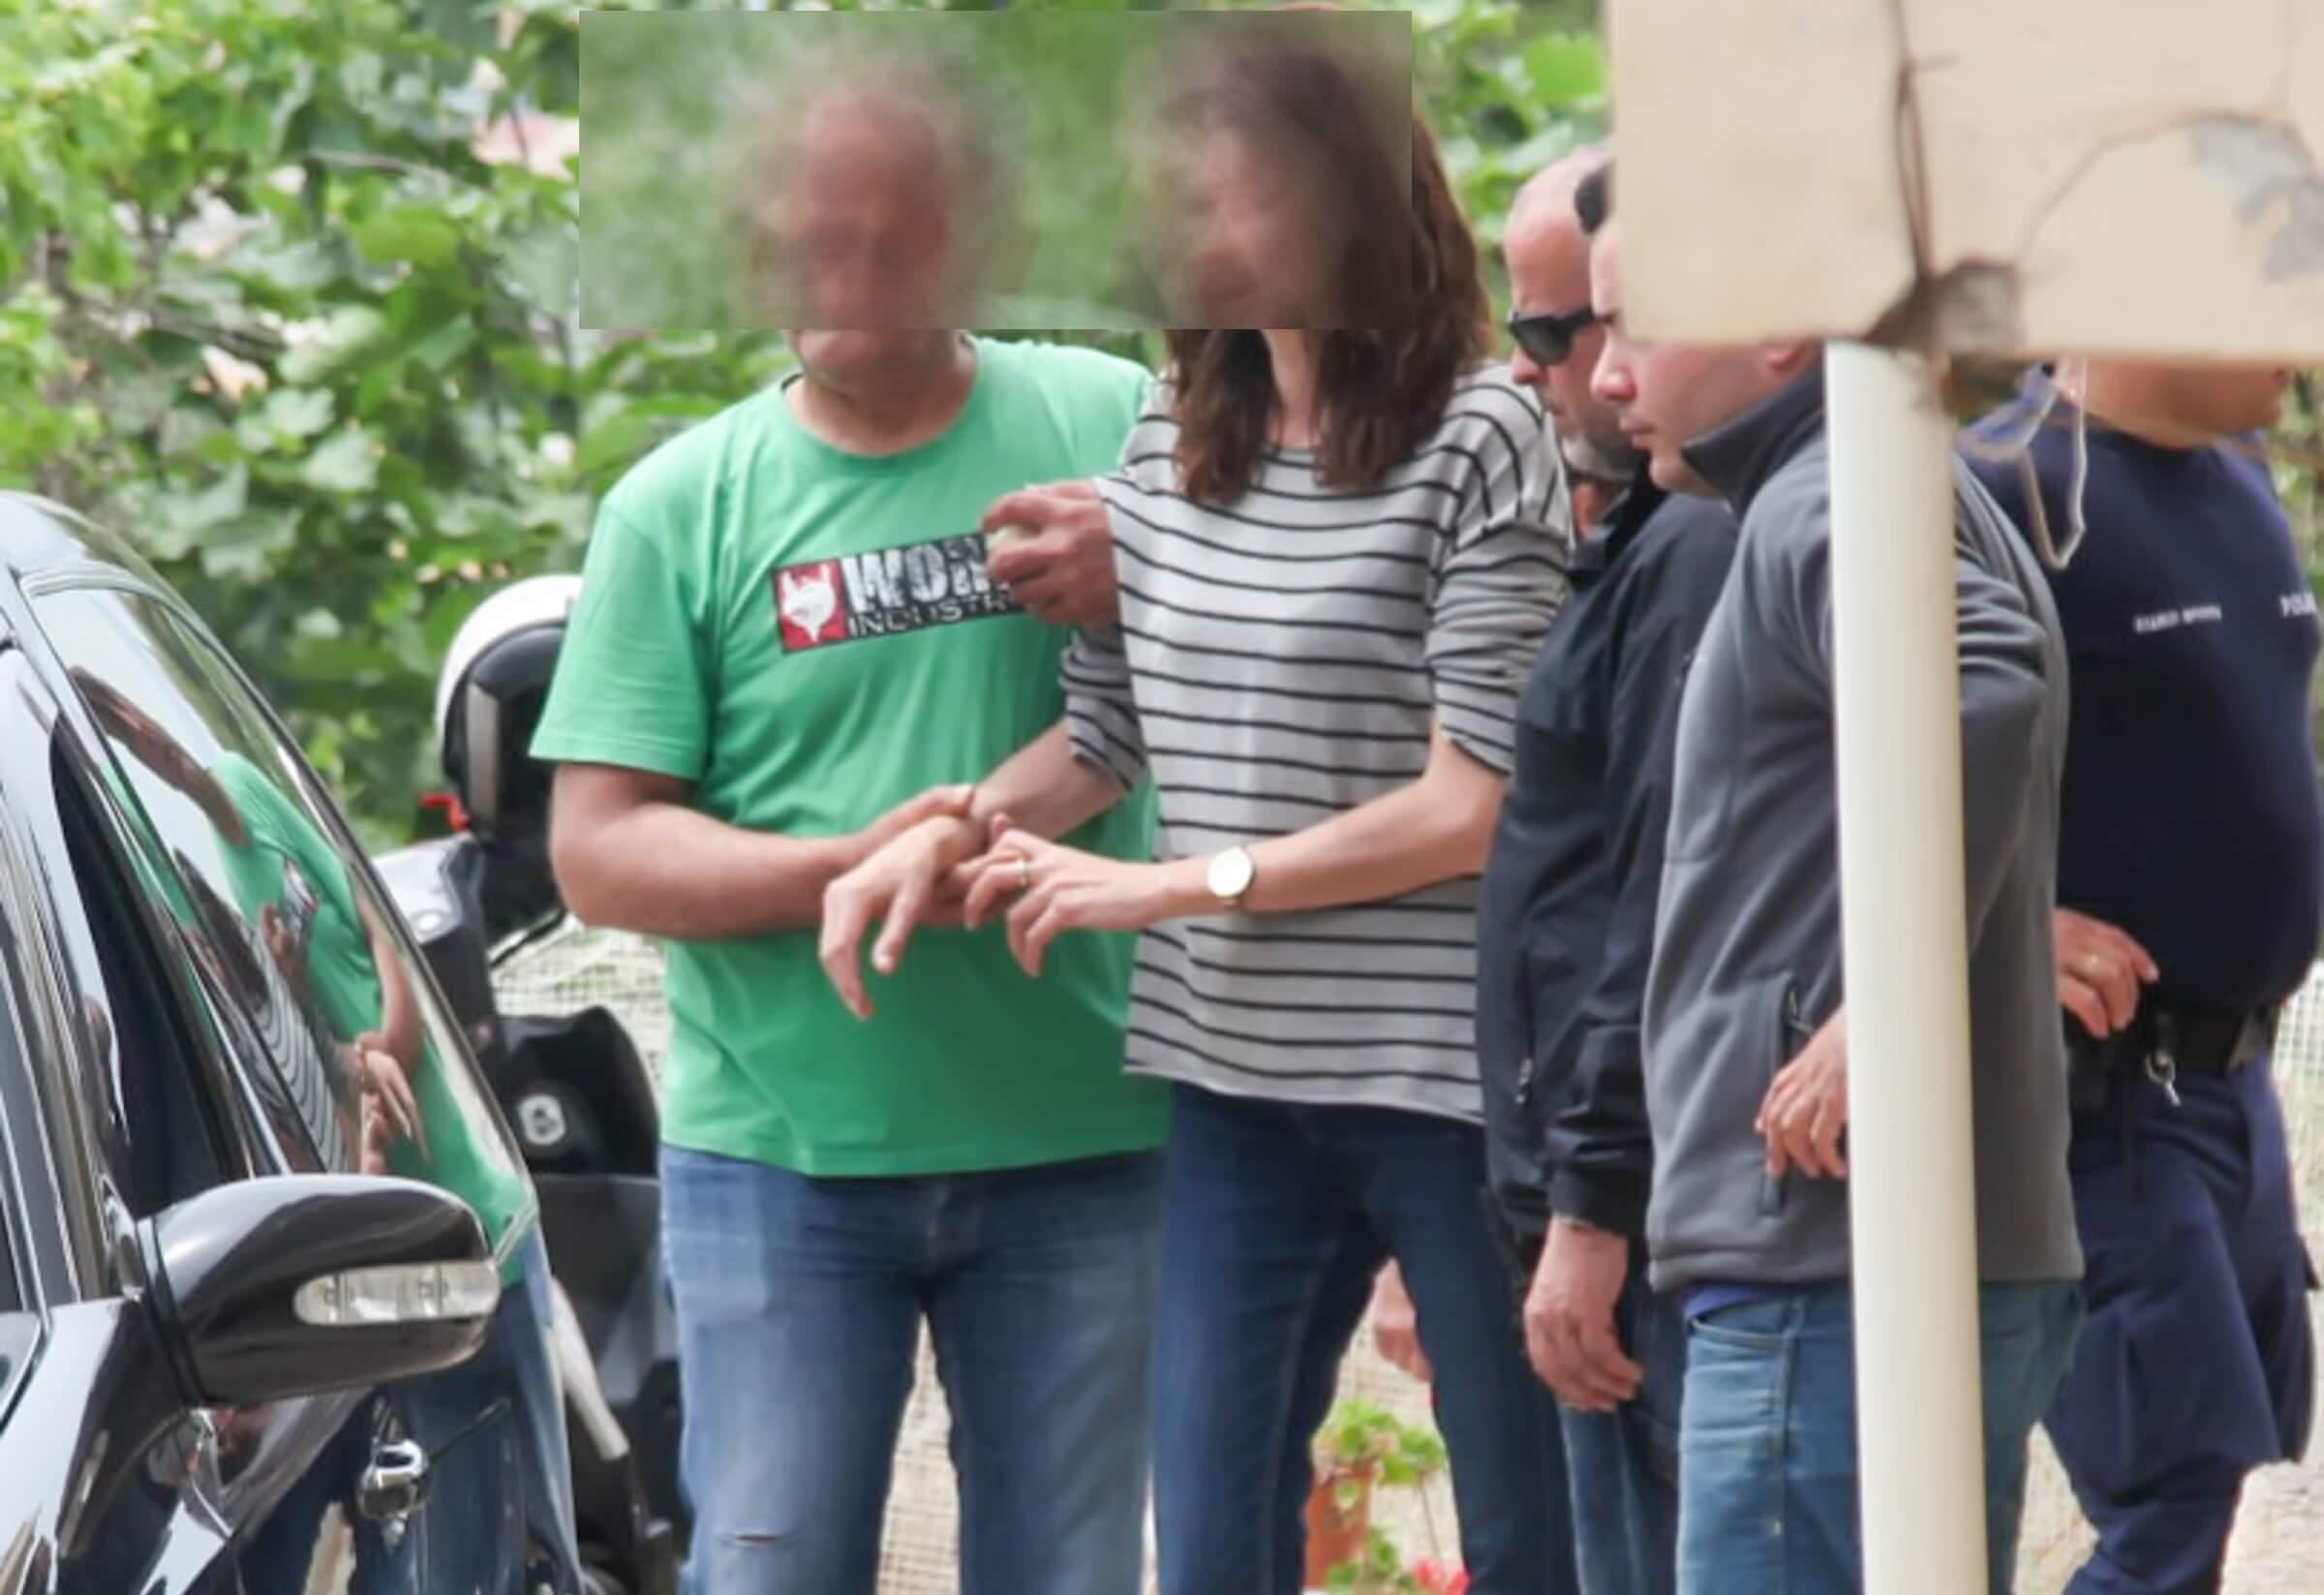 Χανιά: Μπήκε μέσα και τους βρήκε νεκρούς η κόρη του θύματος! - Σκότωσε την σύντροφό του και αυτοκτόνησε